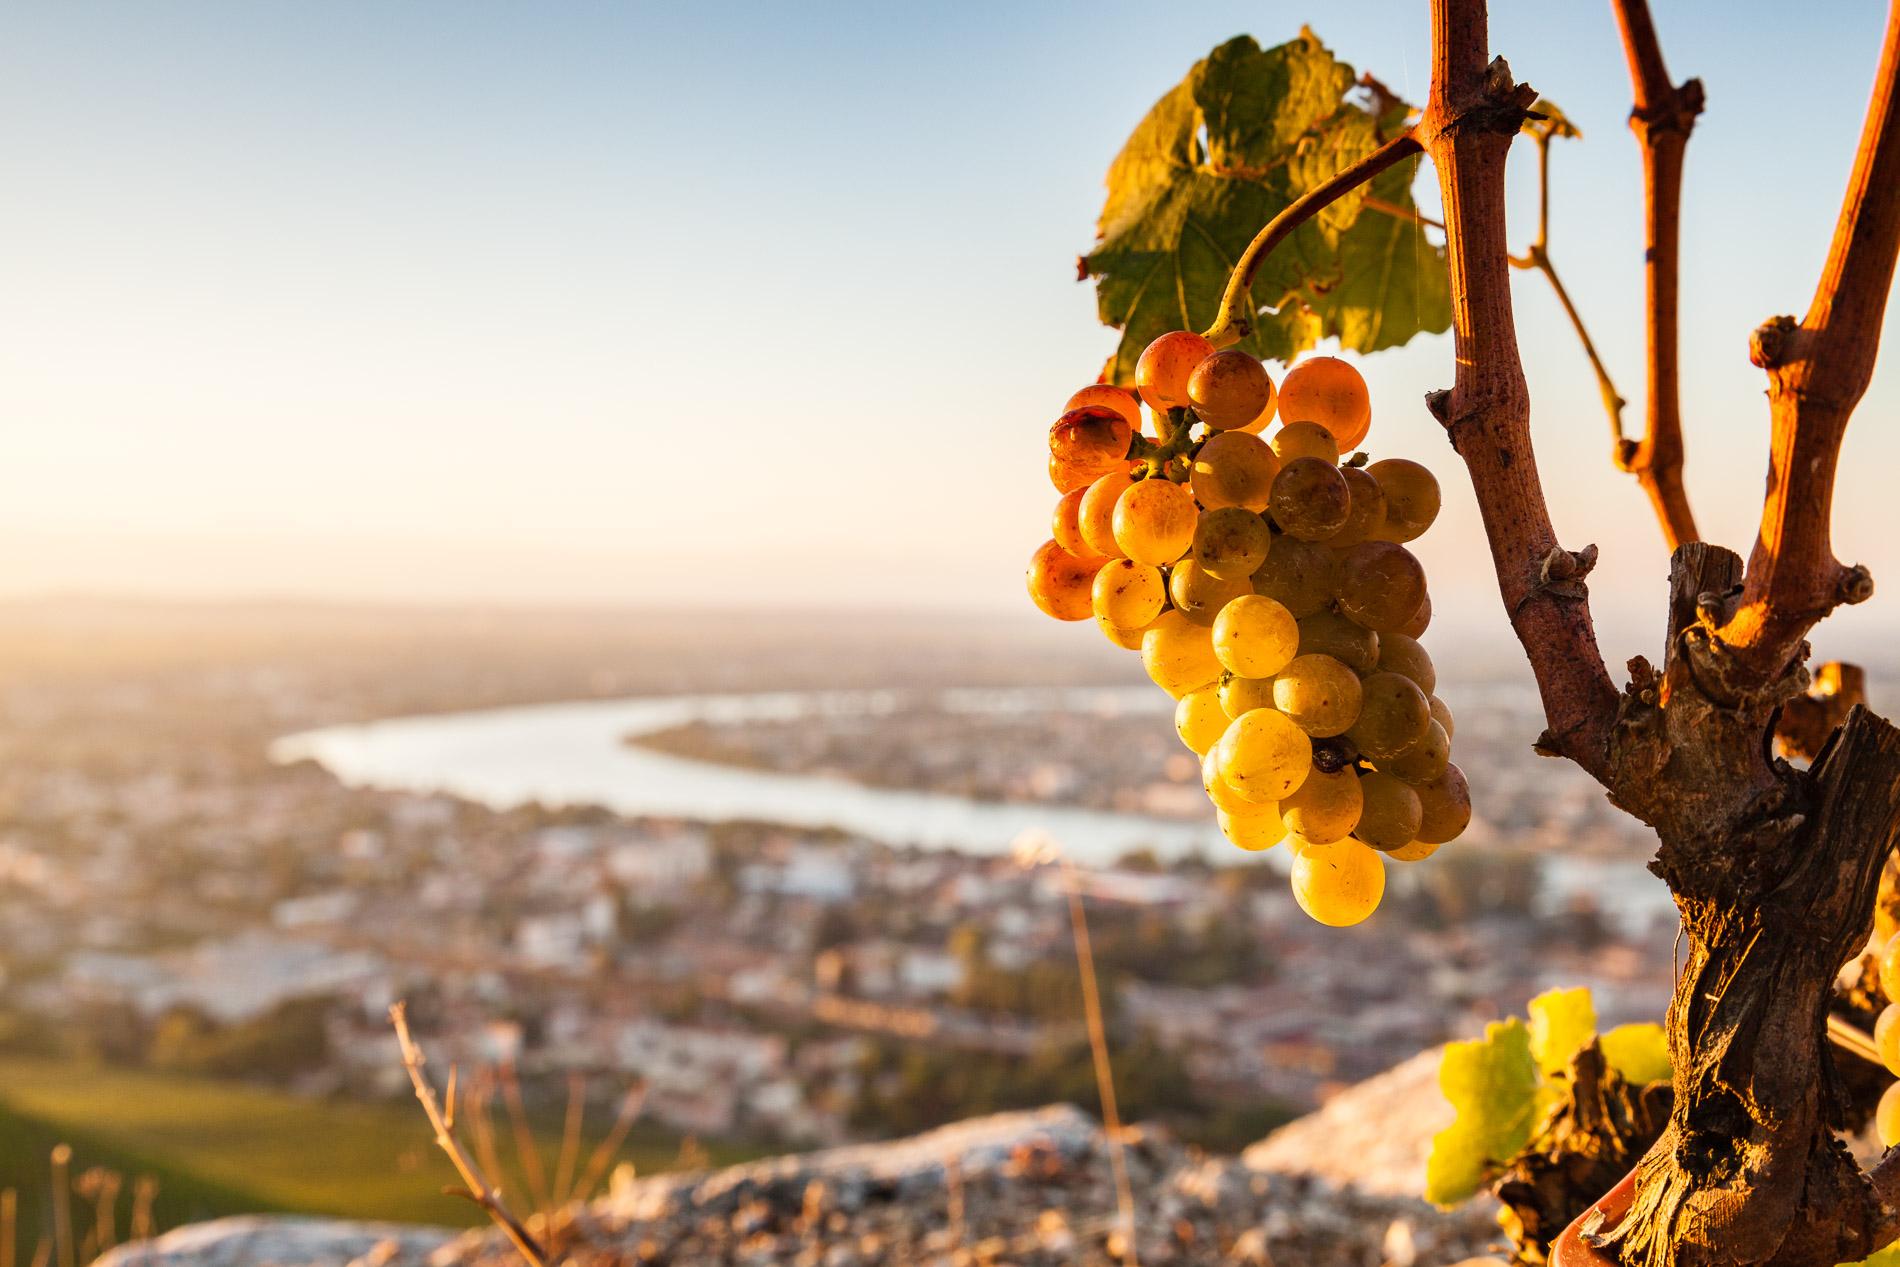 Grappe de raisins du célèbre vignoble de Tain l'Hermitage (Drôme)